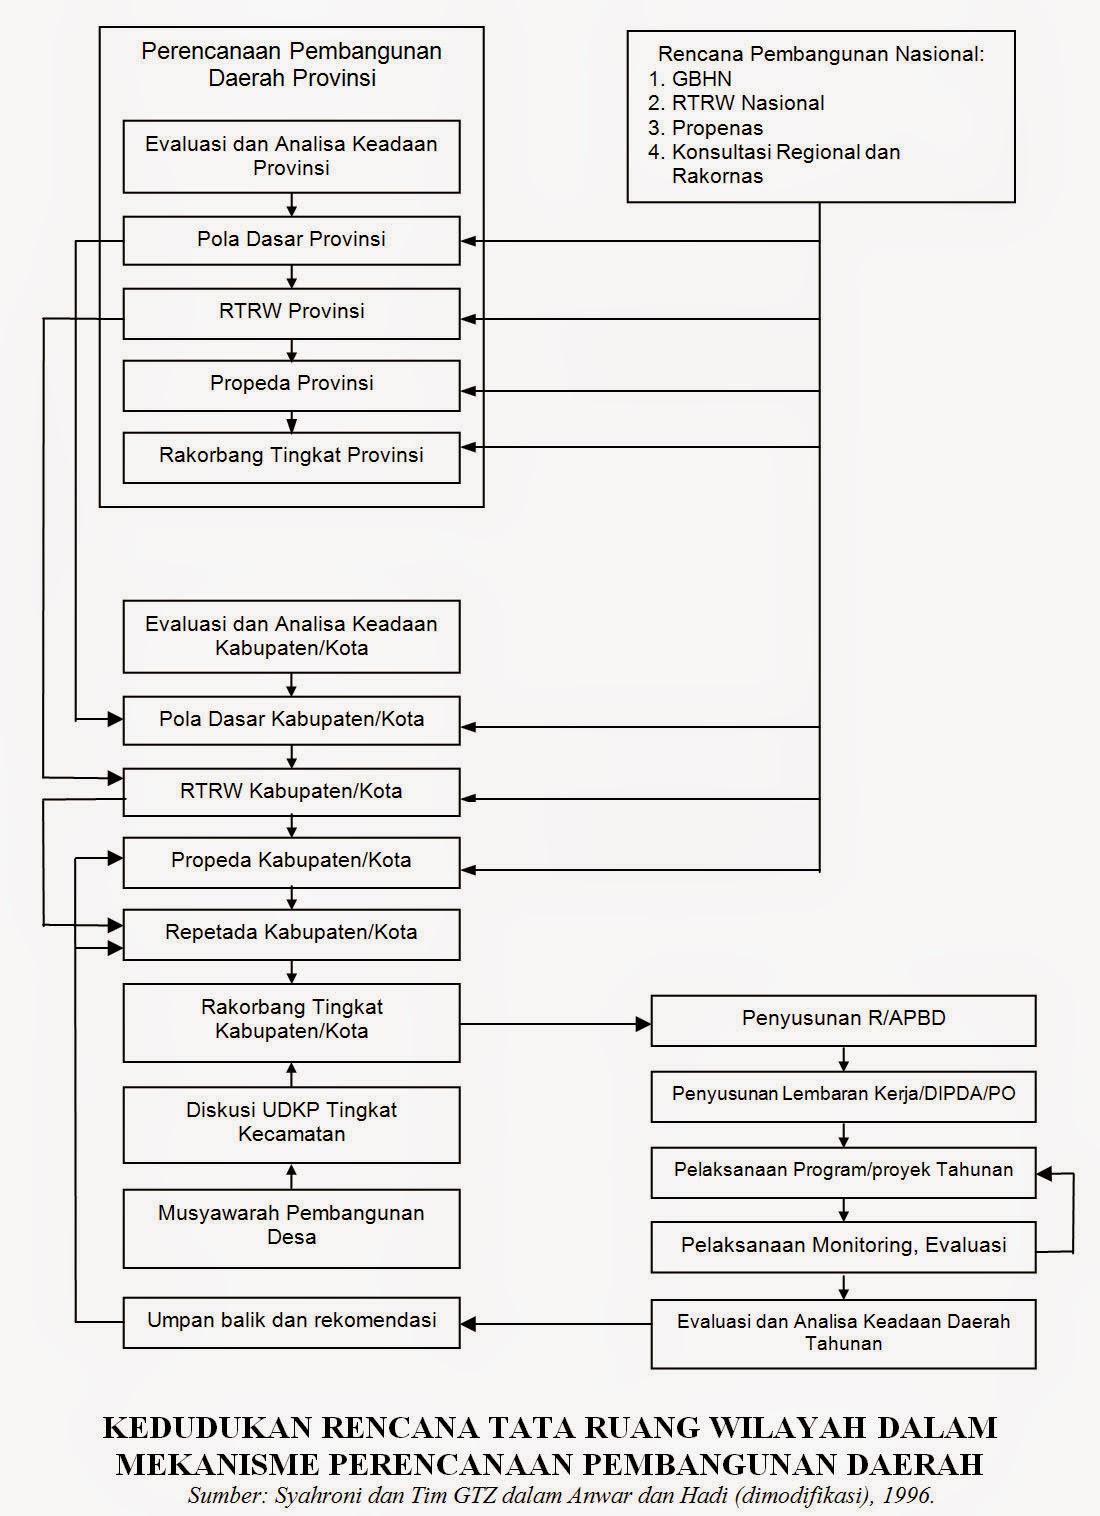 Kedudukan Rencana Tata Ruang Wilayah Dalam Mekanisme Perencanaan Pembangunan Daerah